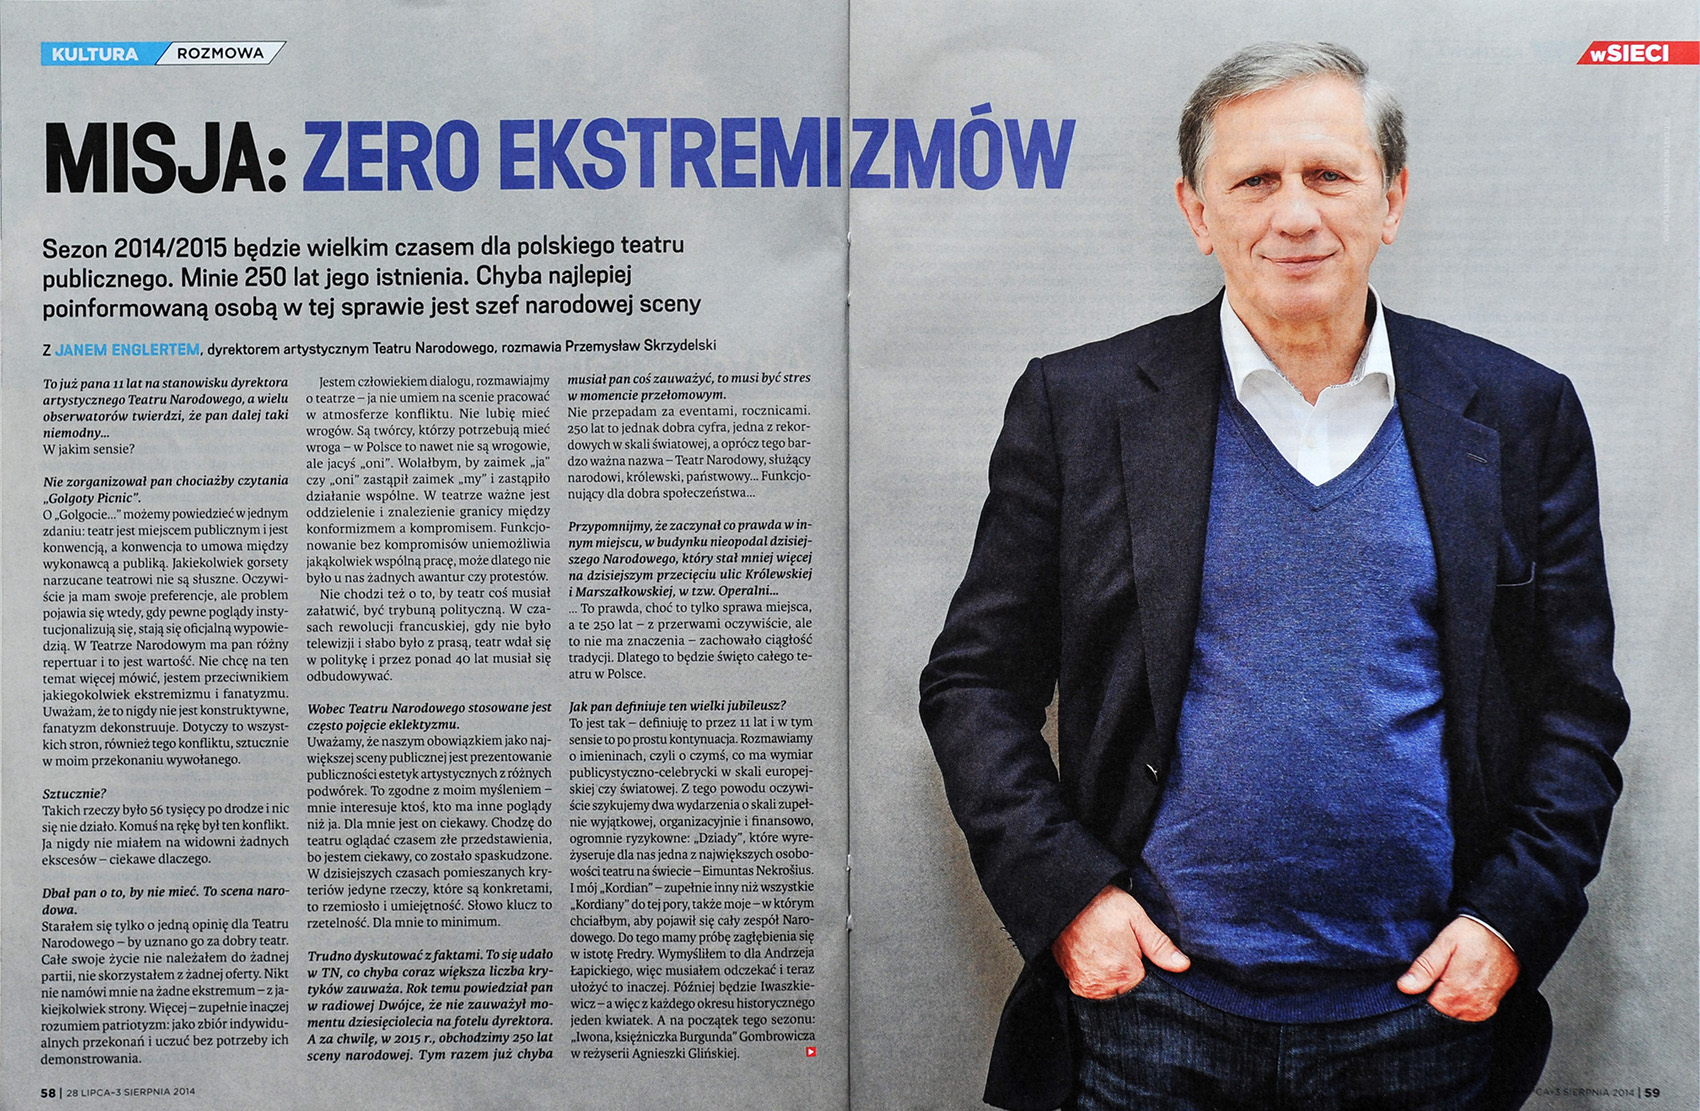 wSIECI nr 31/2014 r., s. 58-59 - Jan Englert